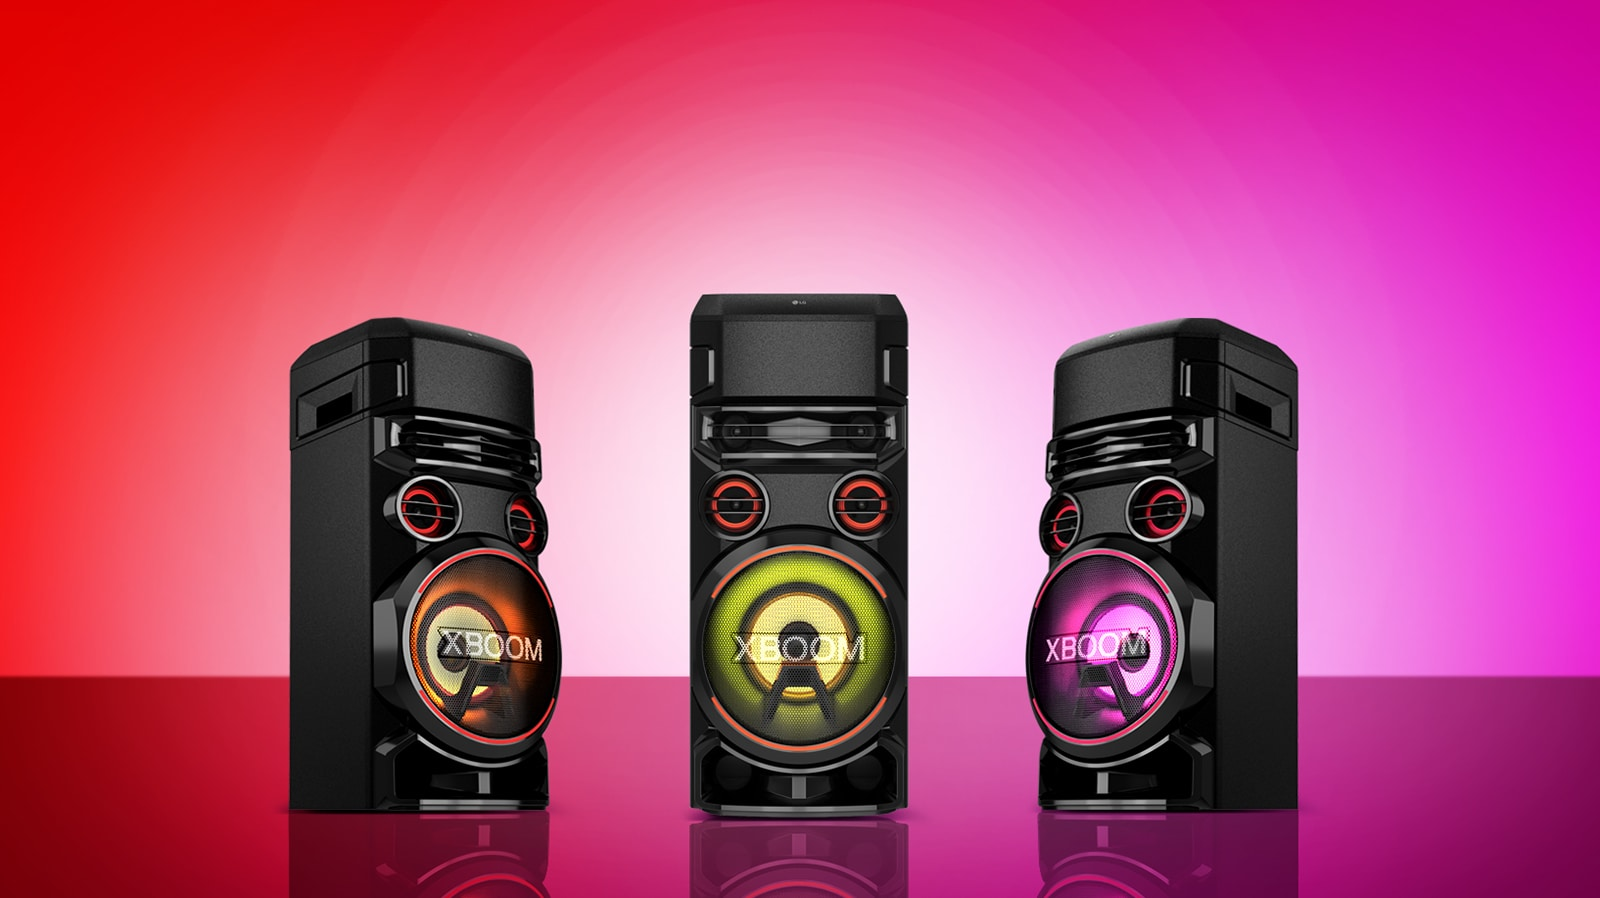 Bản video xem trước giới thiệu ba loa LG XBOOM ở ba chế độ đèn khác nhau.